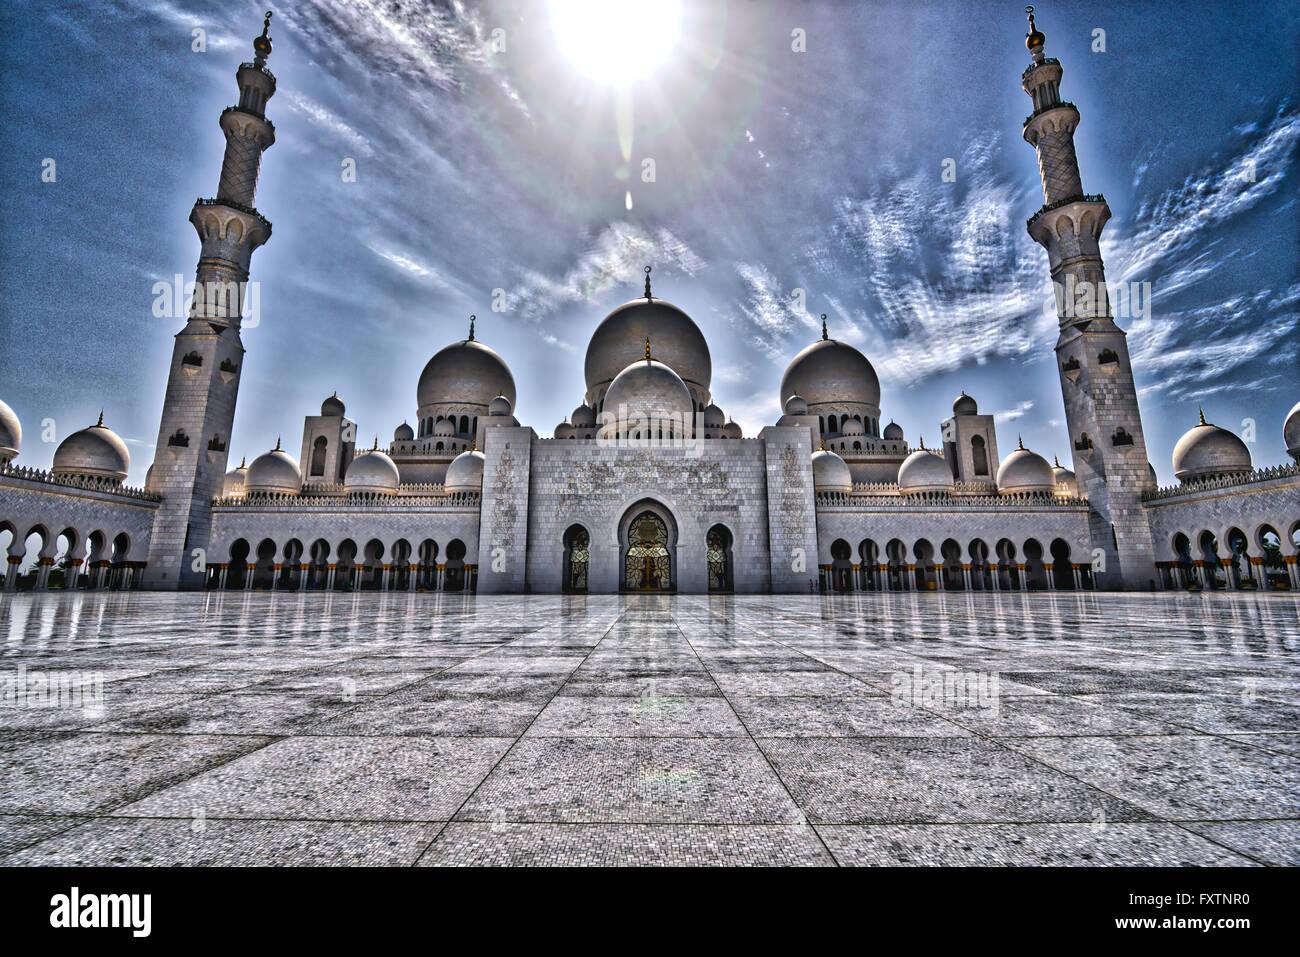 Vue de l'HDR de la région centrale de la Grande Mosquée de Sheikh Zayed à Abu Dhabi Photo Stock